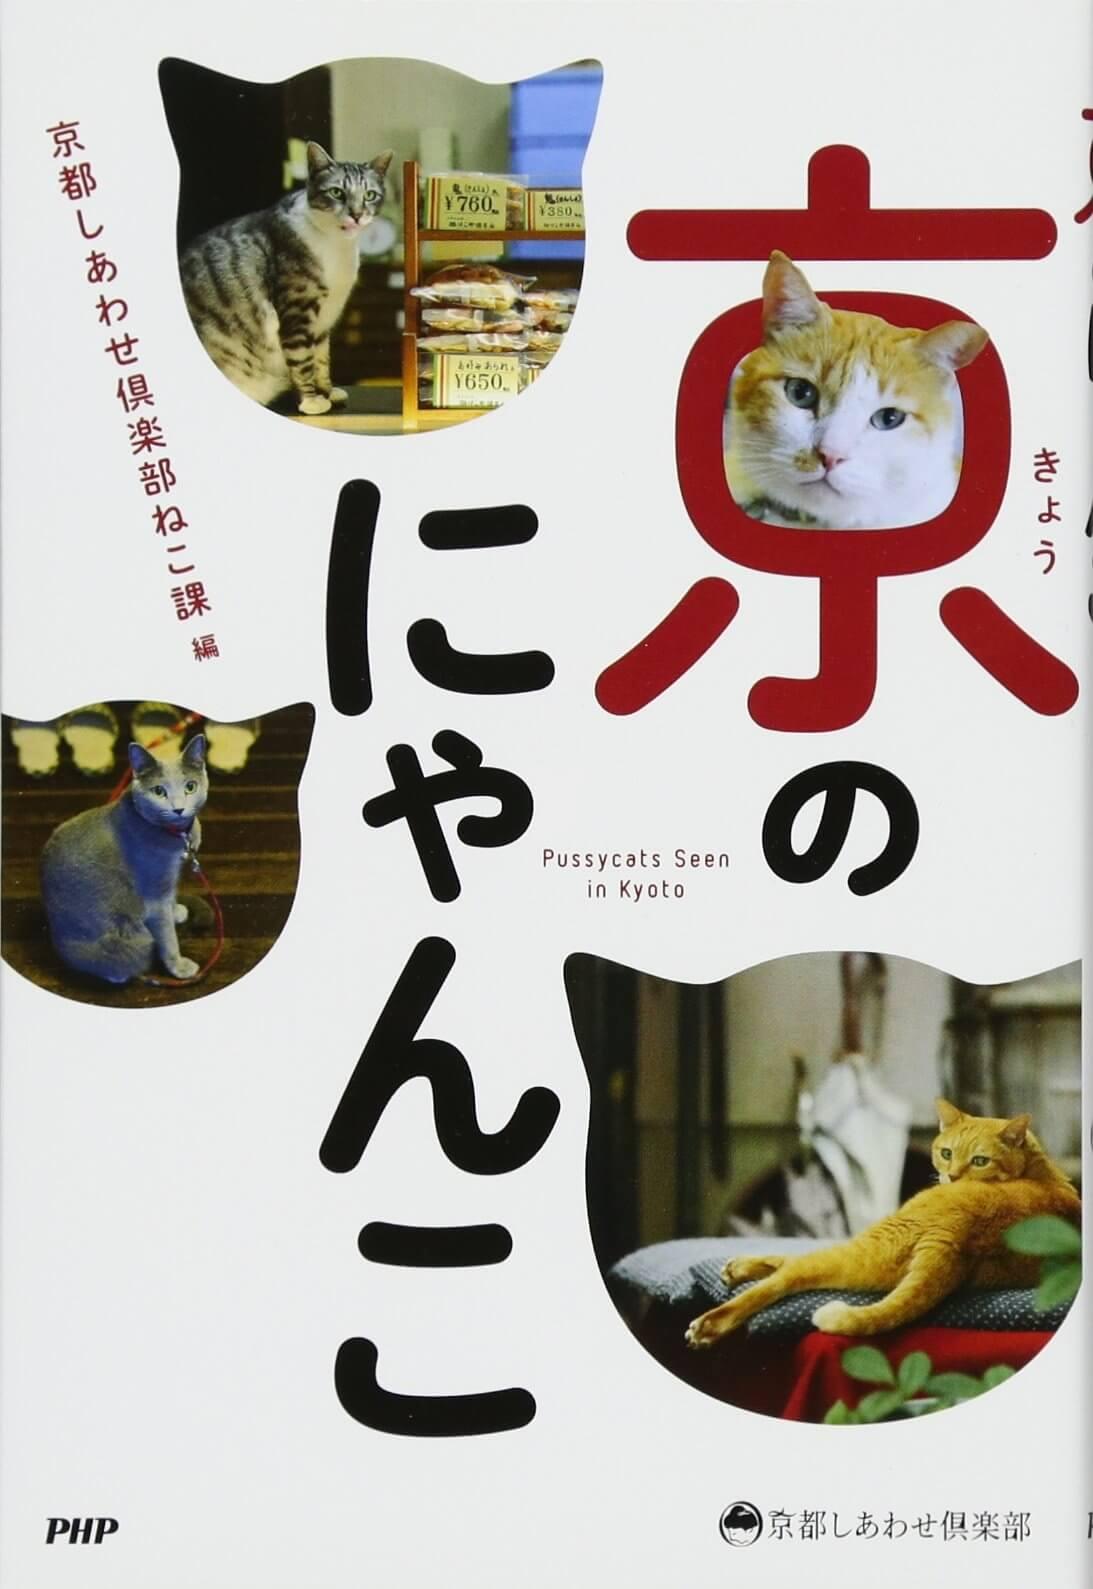 京都で暮らす猫たちの写真が詰め込まれたフォトブック、「京(きょう)のにゃんこ」